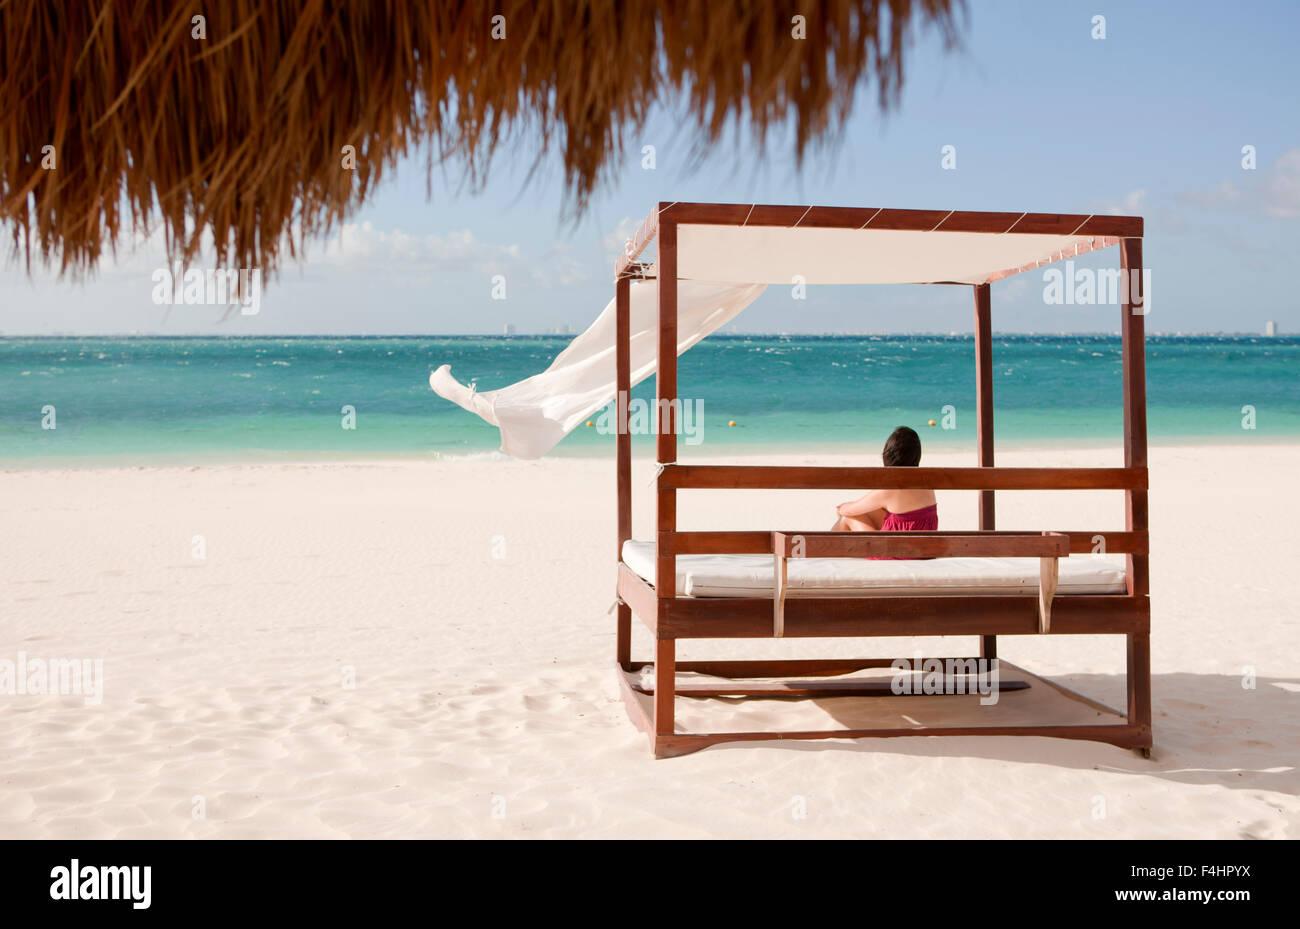 La spiaggia principale di Isla Mujeres, un'isola off, Cancun Quintana Roo, Messico. Immagini Stock